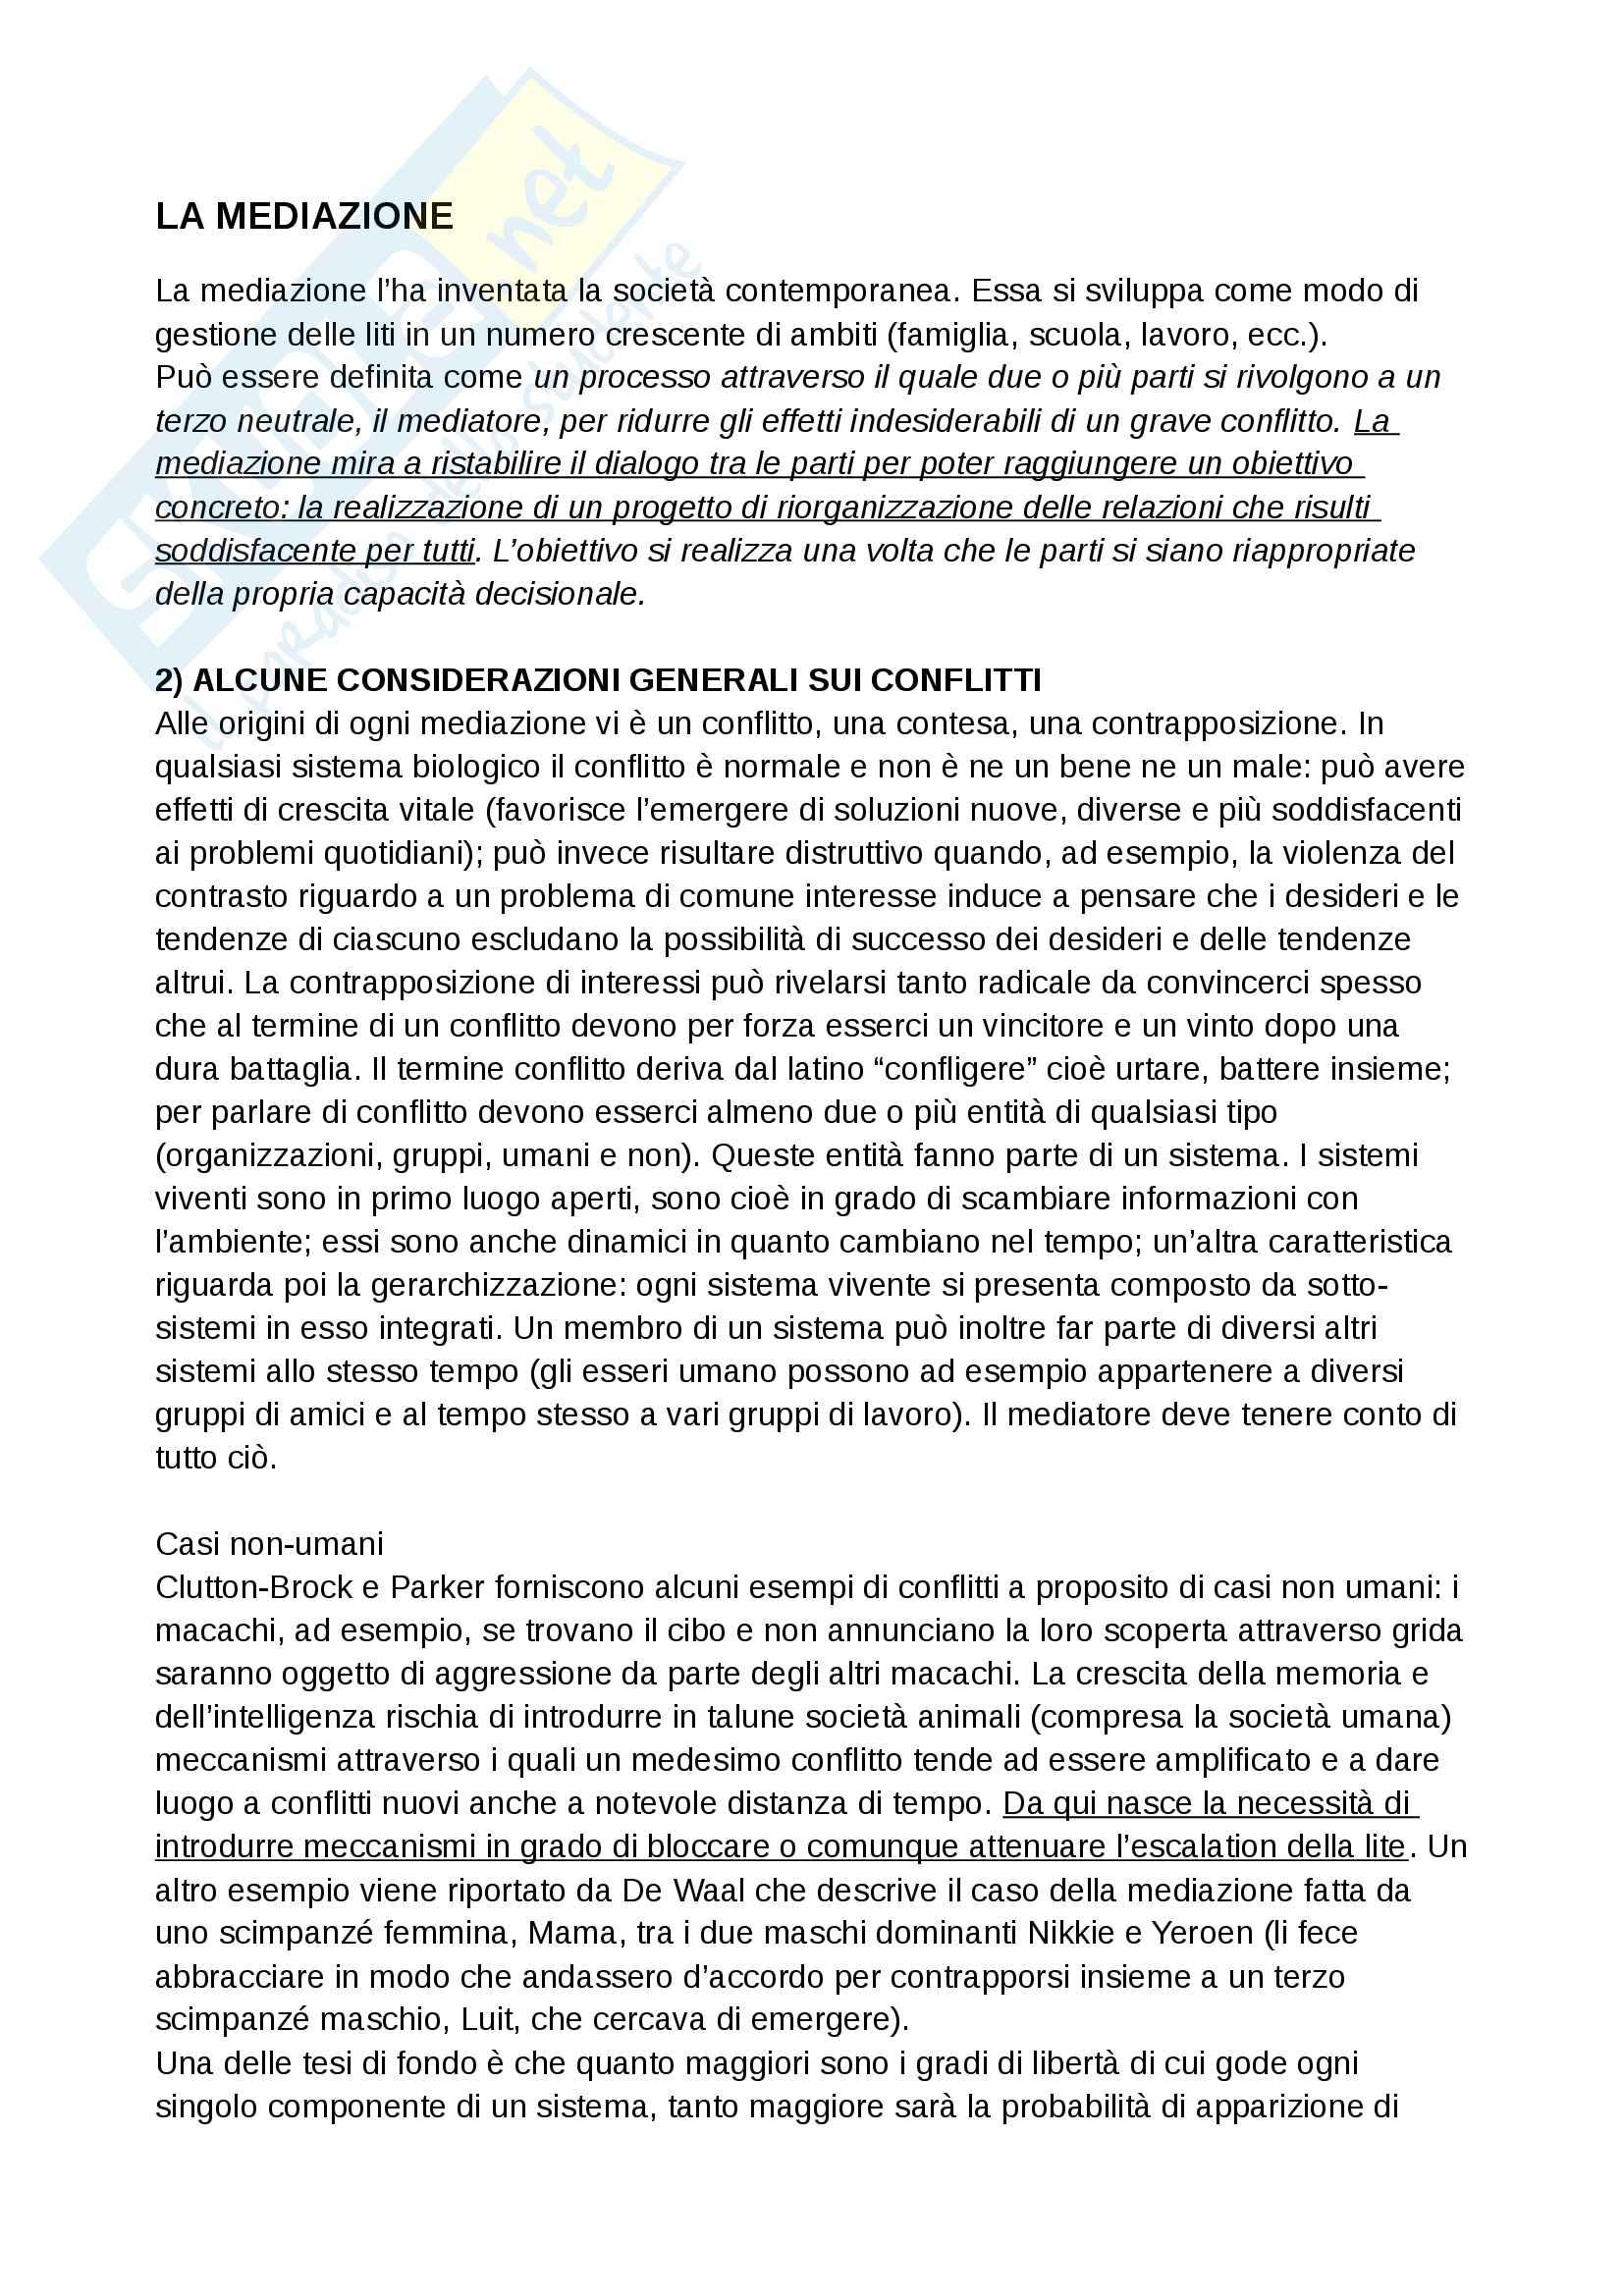 Riassunto esame e Appunti completi di Consulenza per l'esame del Prof. Castelli su La mediazione, Bicocca